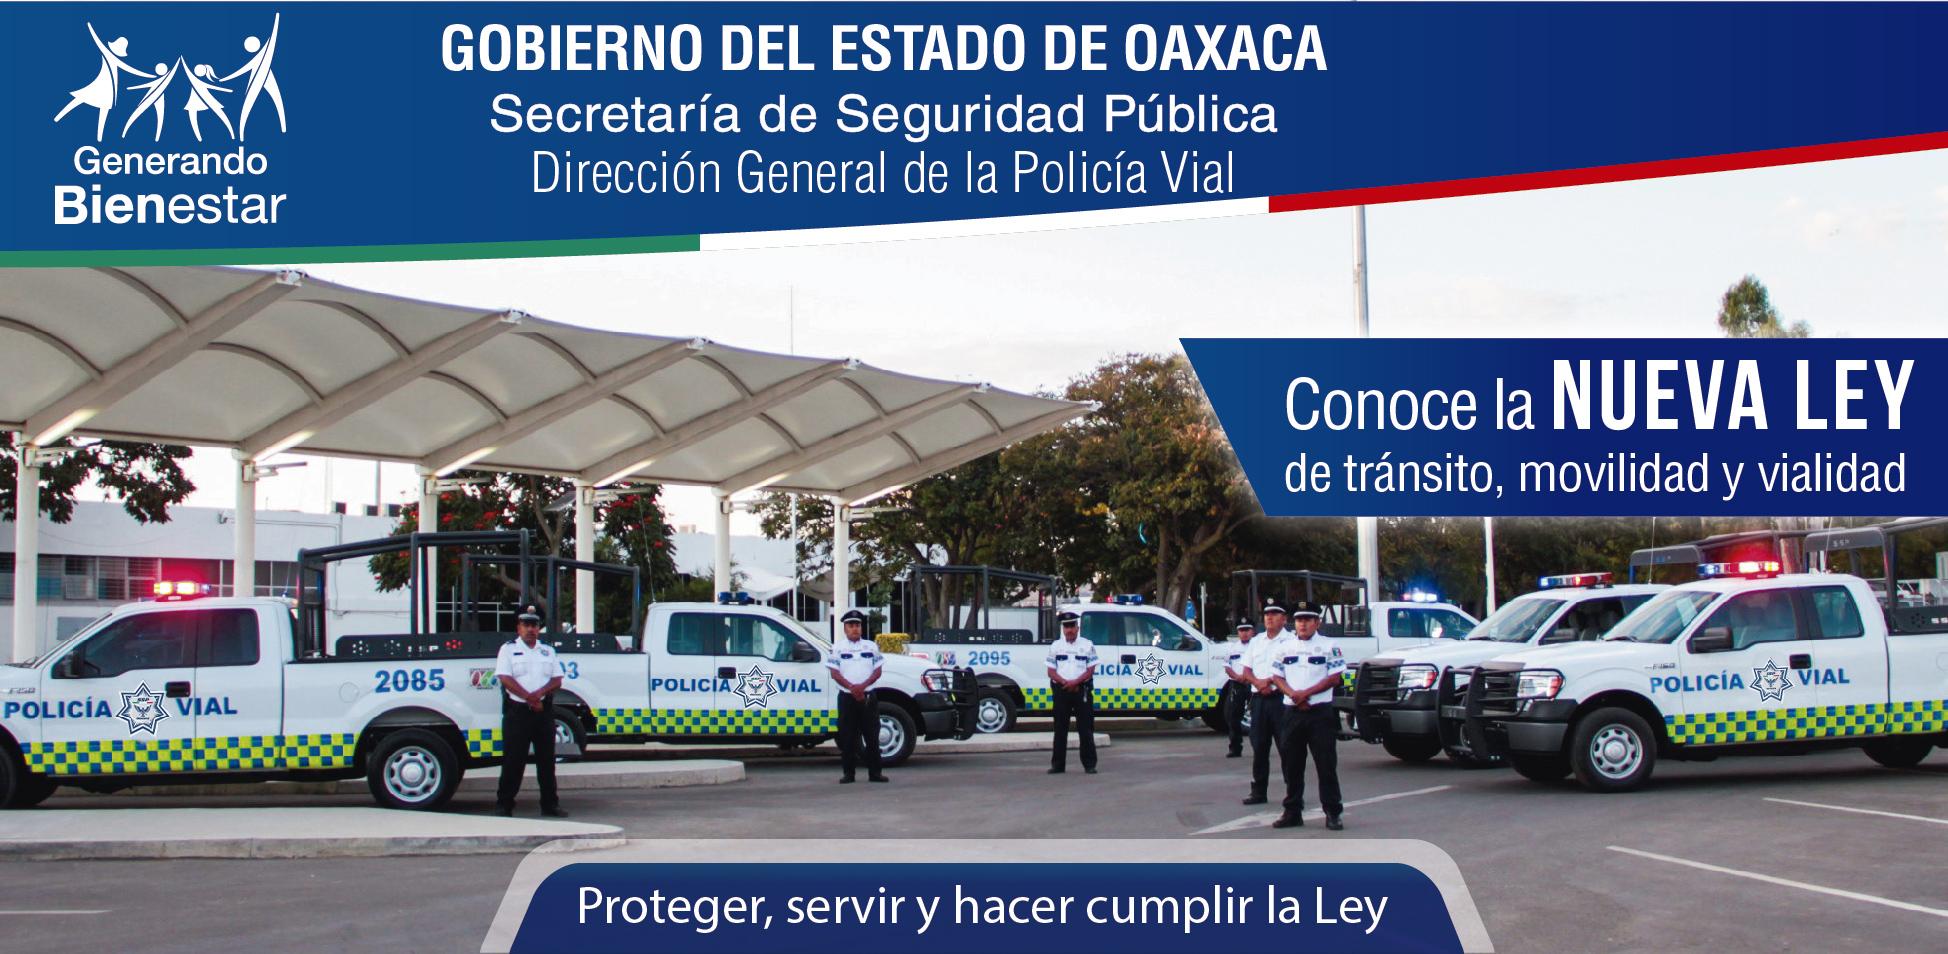 Conoce la Nueva Ley de Tránsito, Movilidad y Vialidad del Estado de Oaxaca